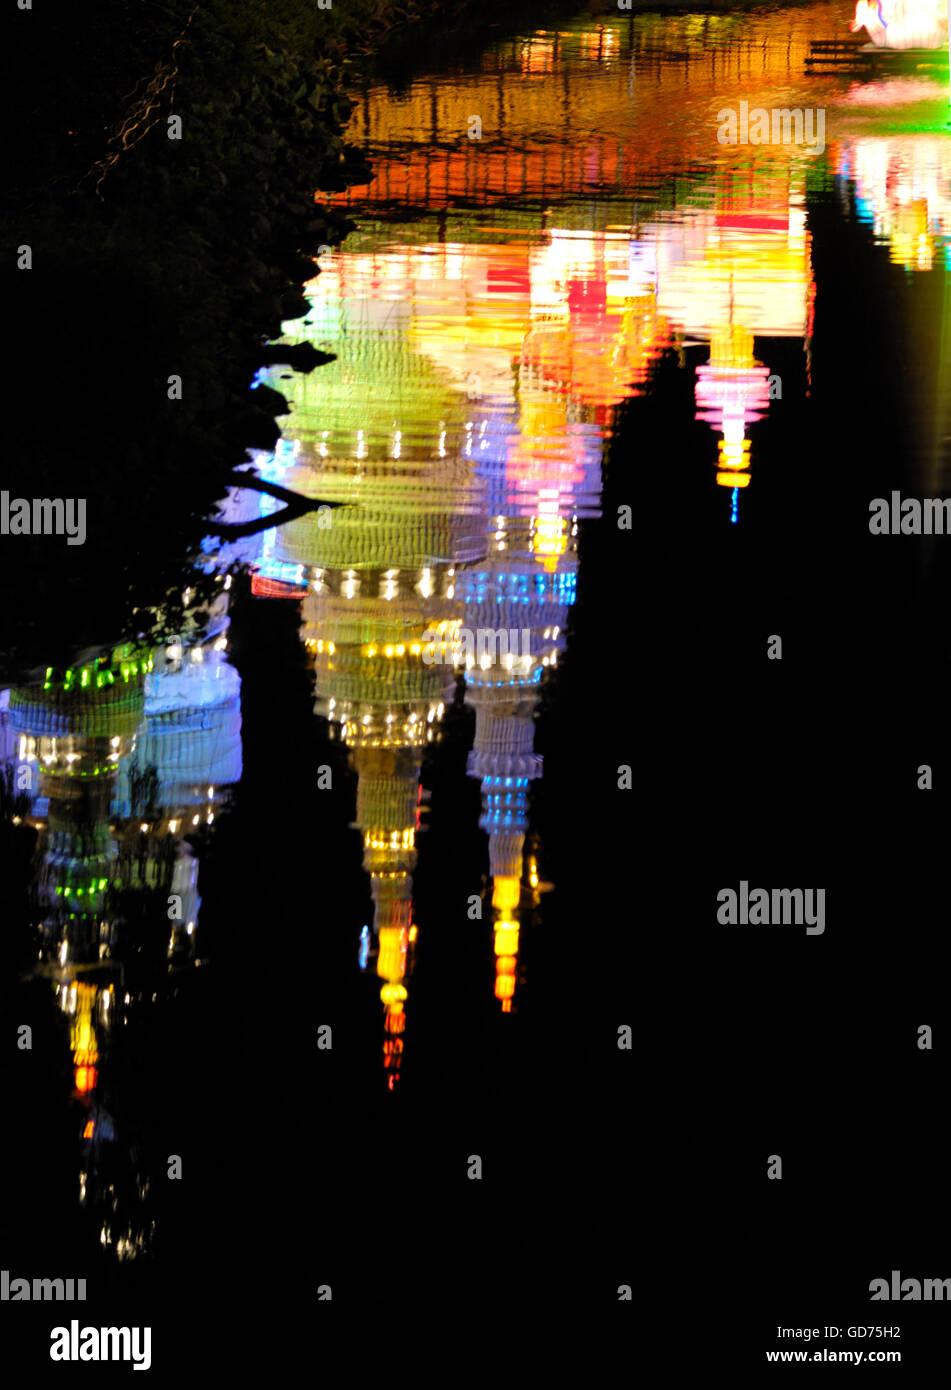 Palast spiegelt sich im Wasser, Beleuchtung an das chinesische Laternenfest in der Nacht, Ontario Place, Toronto, Stockbild